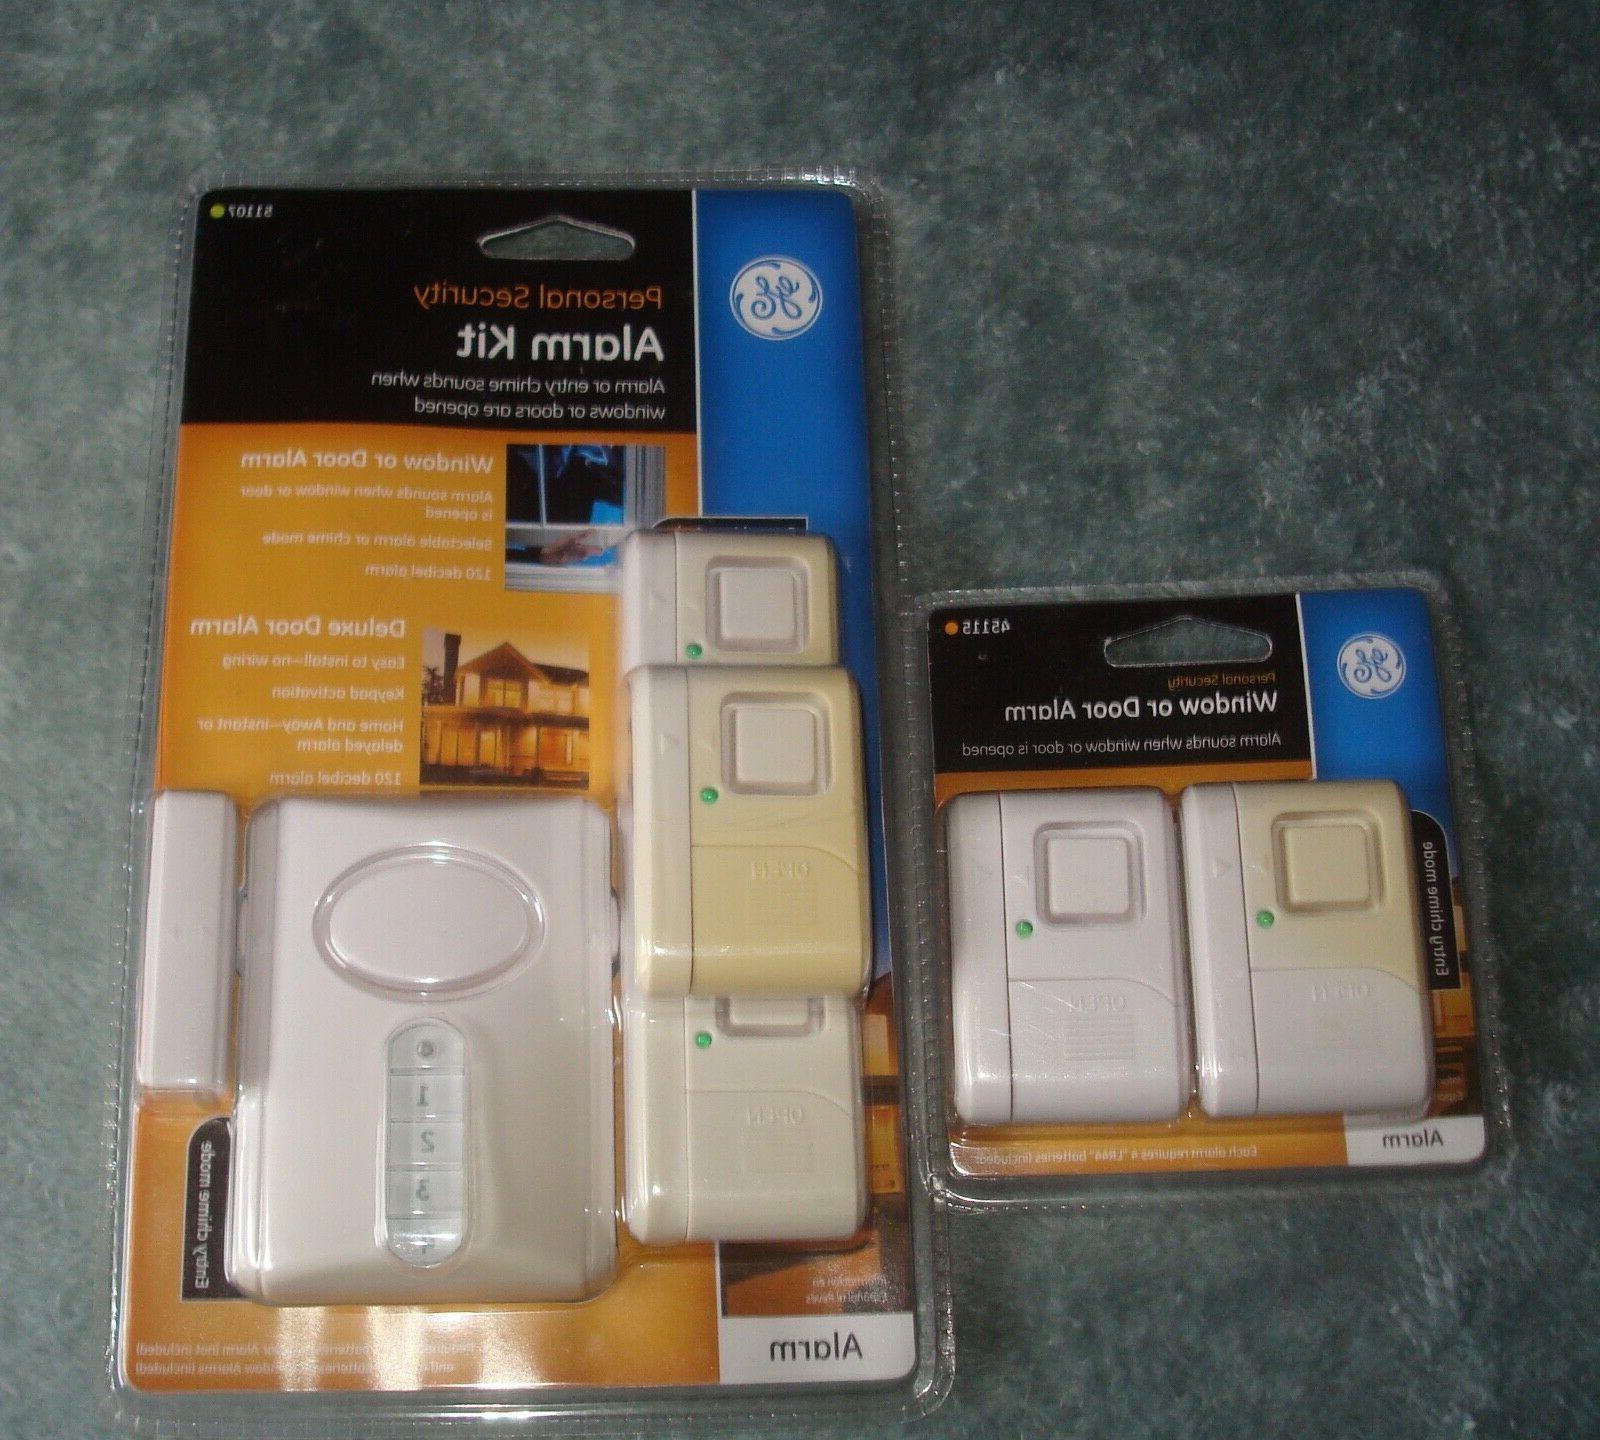 GE Personal Security Alarm Kit, Includes Deluxe Door Alarm w